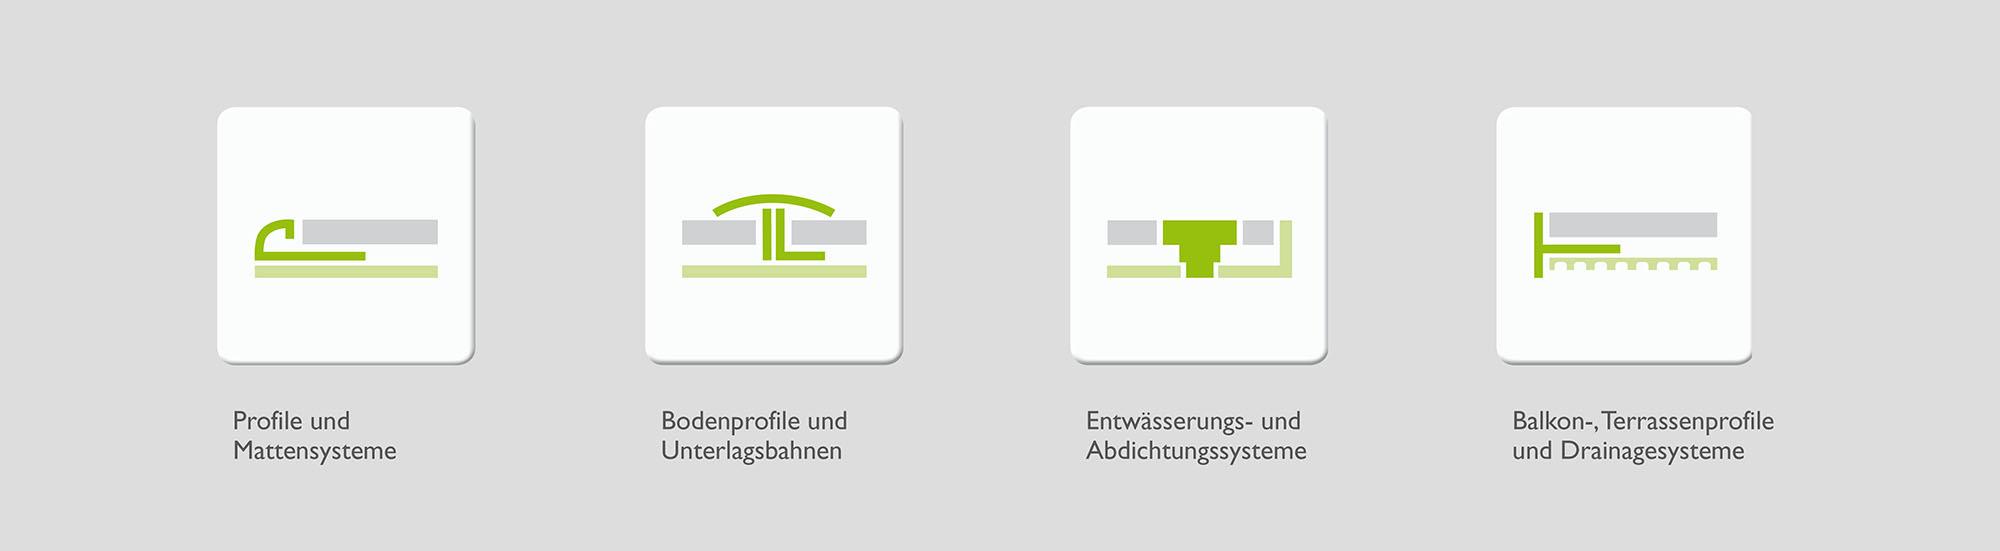 PROLINE Piktogramme Imagebroschüre – Werbeagentur Lehnstein Koblenz Referenzen